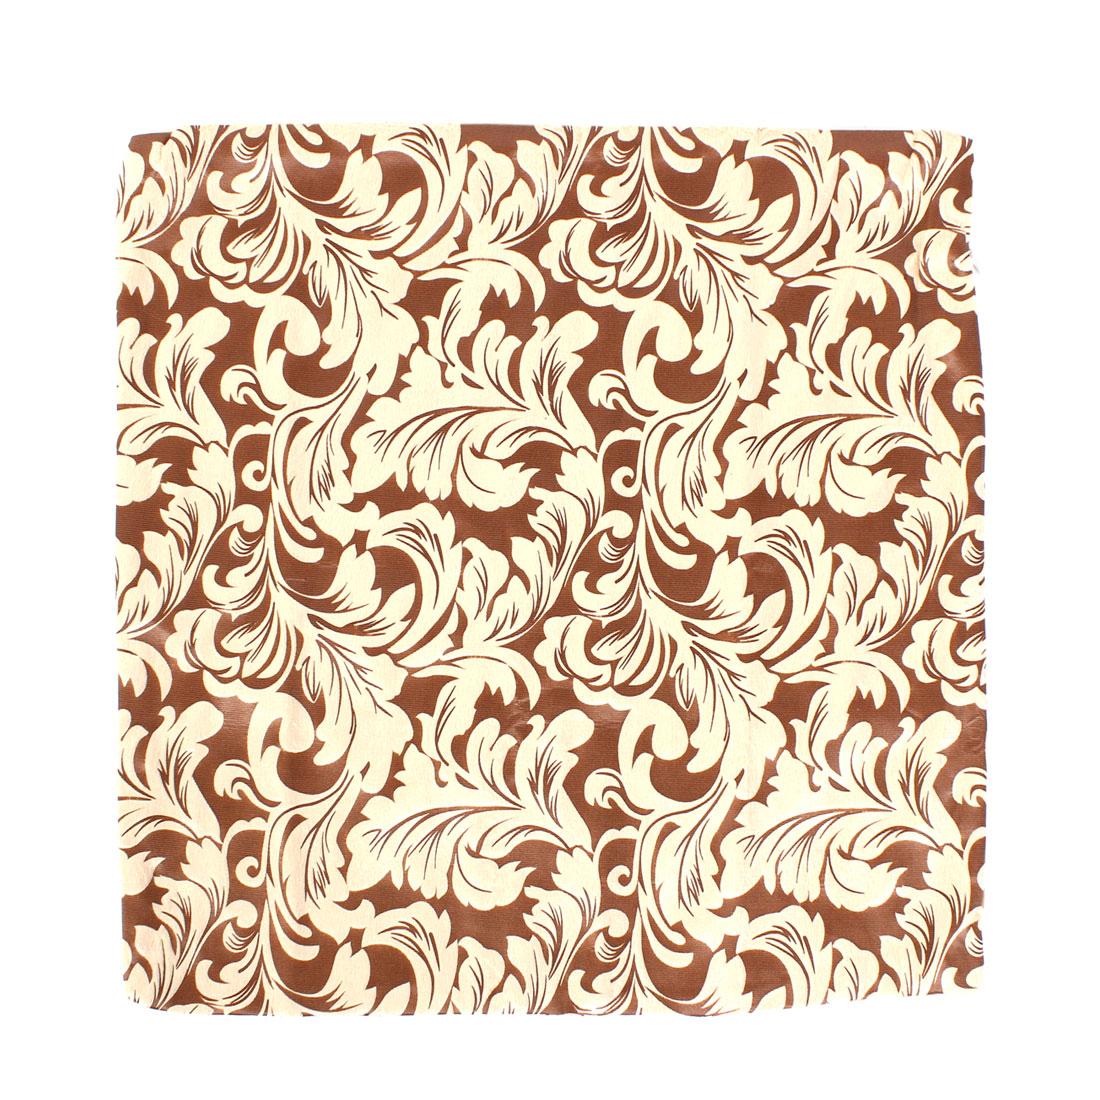 Home Office Chair Sofa Decor Pillow Cushion Case Cover Pillowcase 42 x 42cm